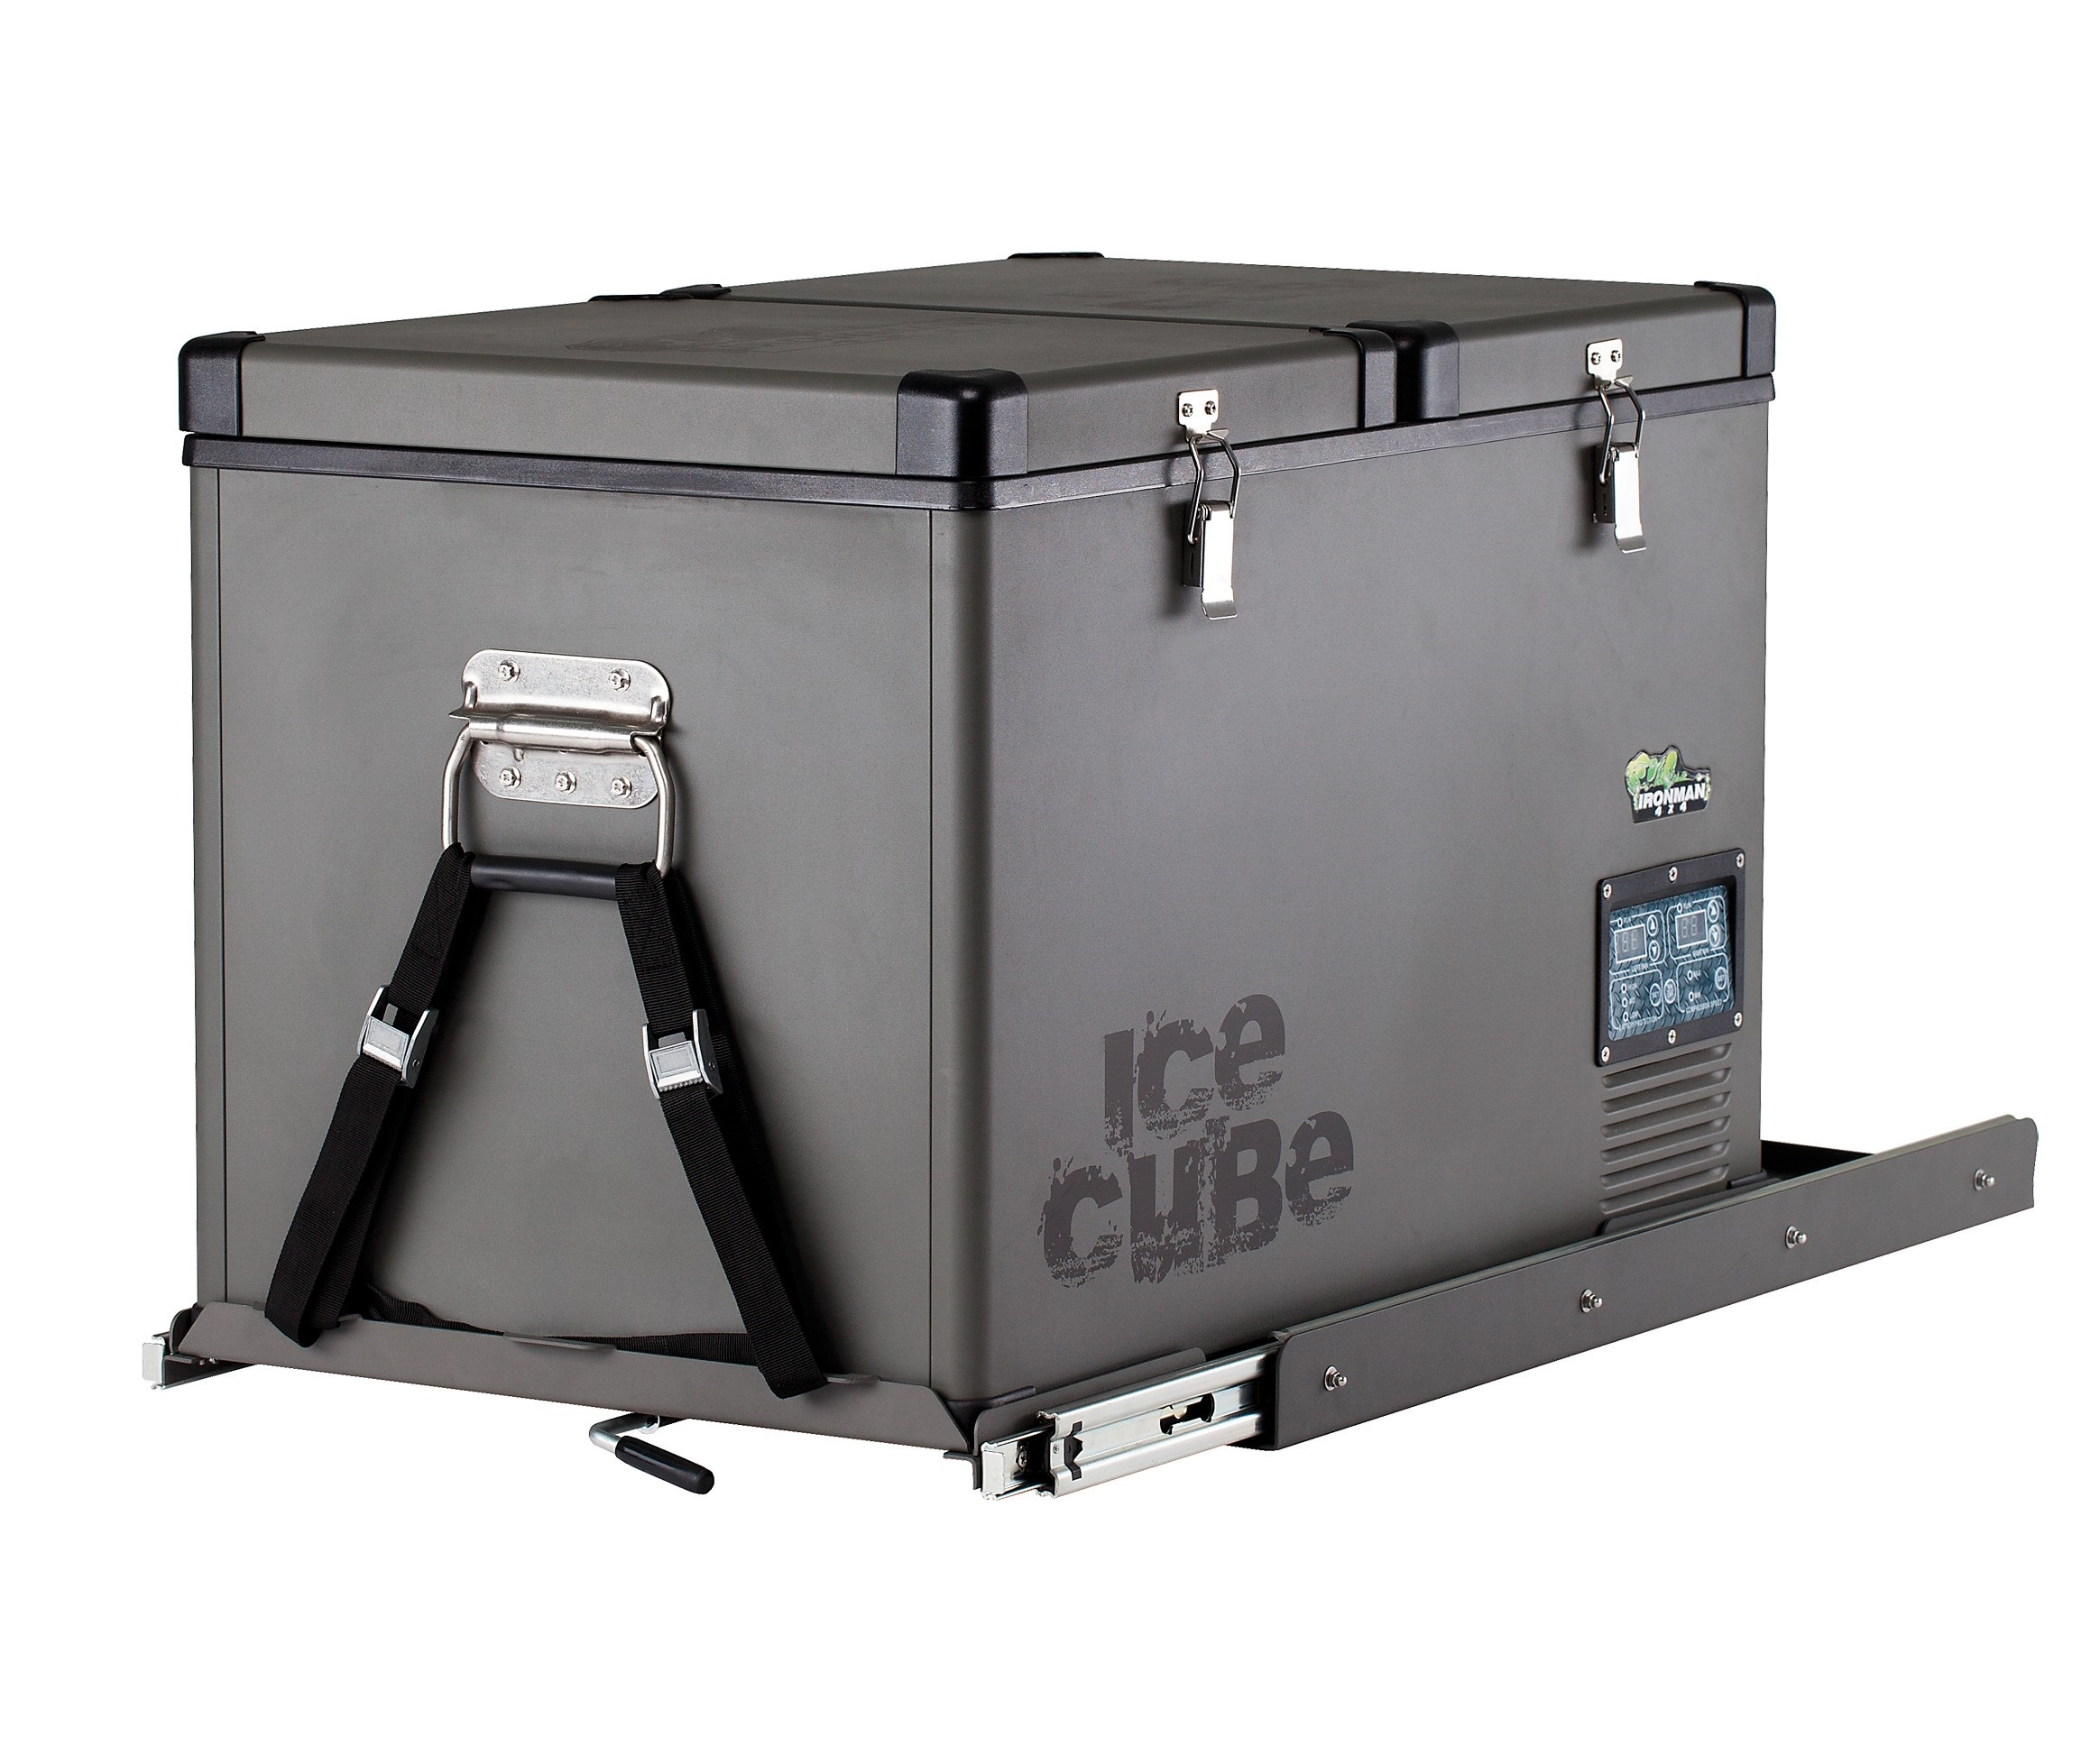 Kompressor- Kühlbox Ironman4x4